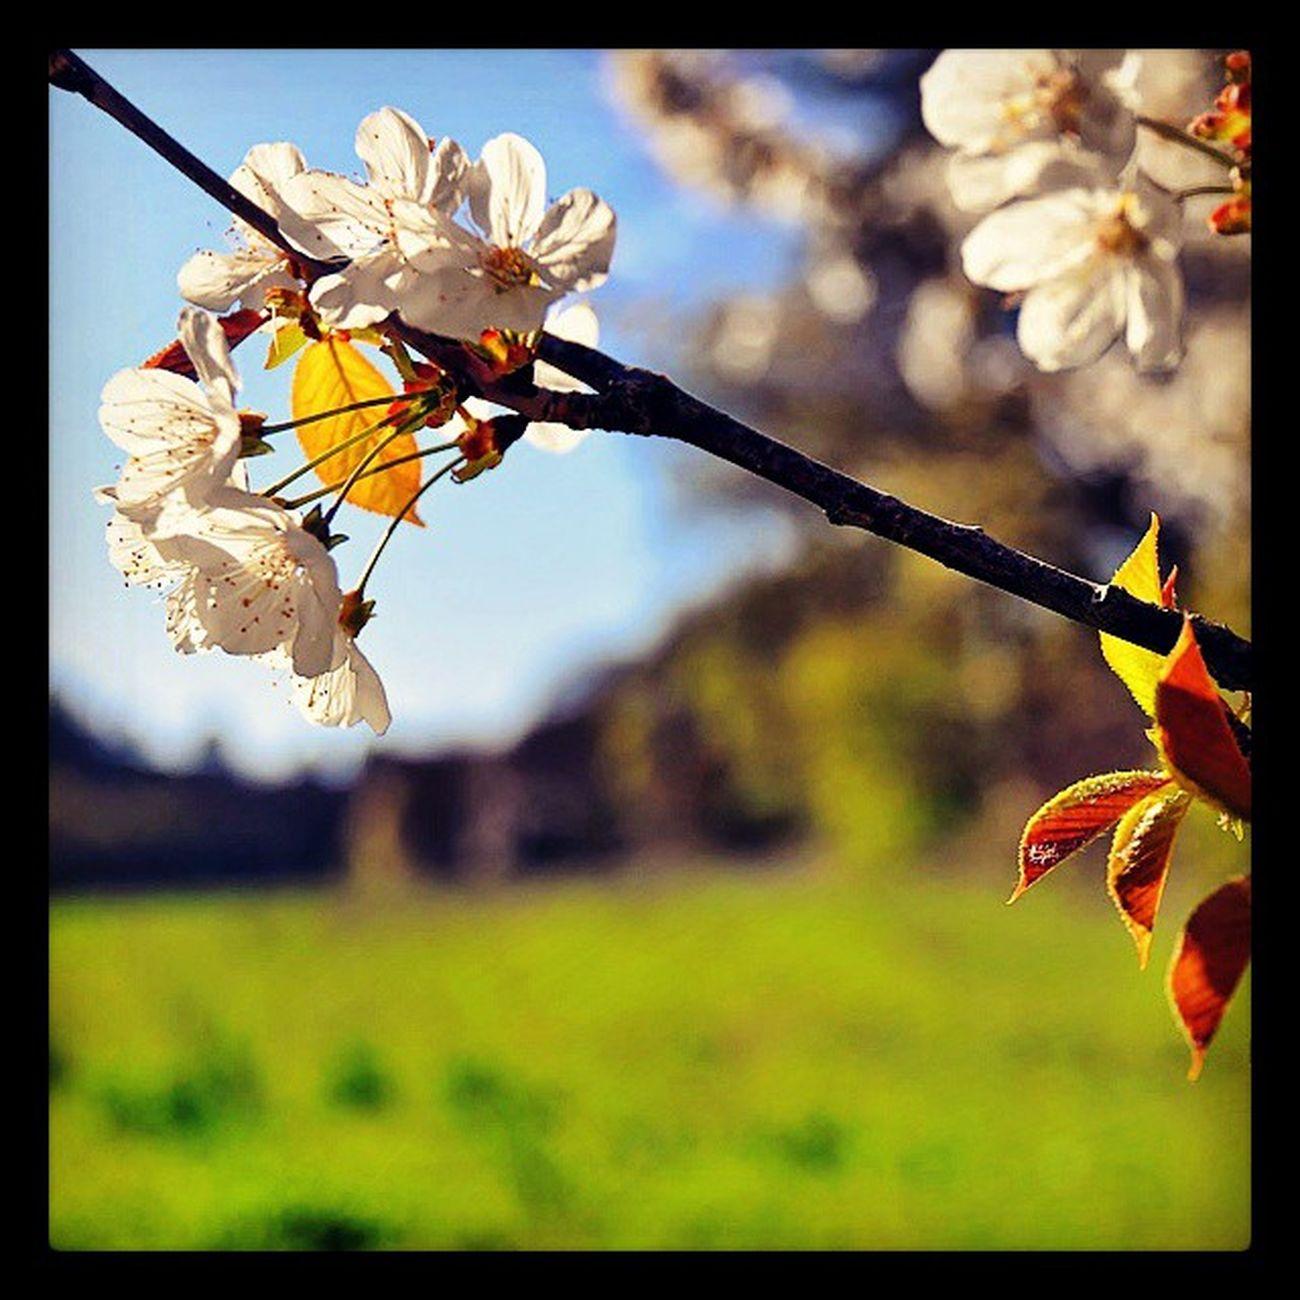 Floraison de printemps Nikonfr Igersfrance Igerspaca Saintevictoiremonamour Saintevictoire Igersmarseille Bouchesdurhone Moutain Spring Printemps Flowers Fleurs Colors Sun